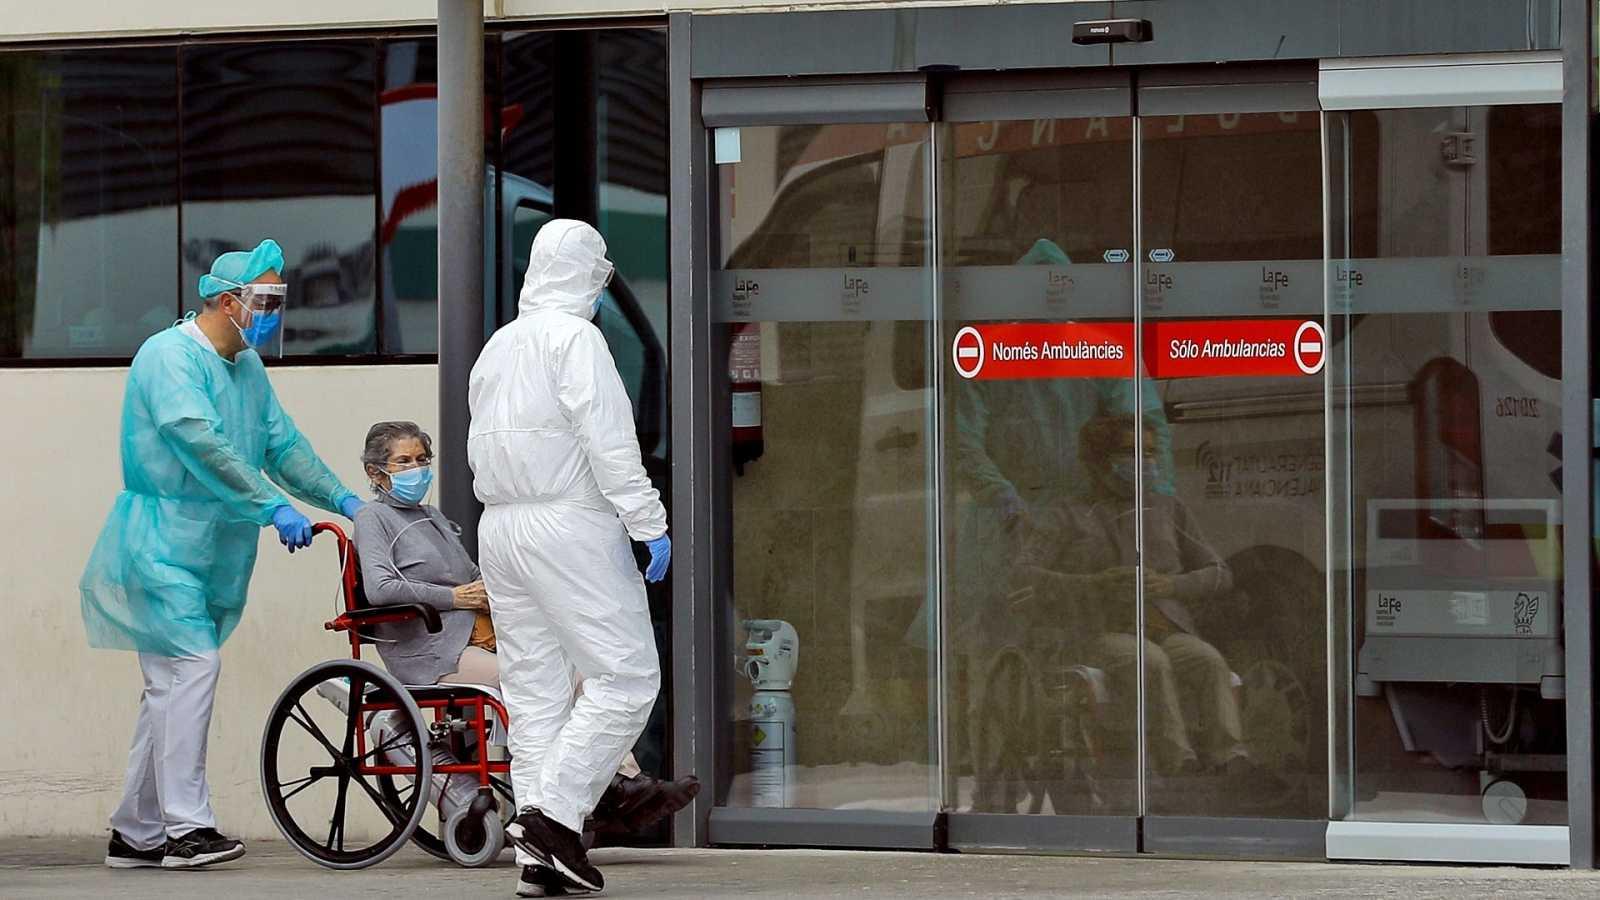 Los hospitales, uno de los lugares de mayor incidencia del coronavirus, serán destinos prioritarios para los test rápidos.